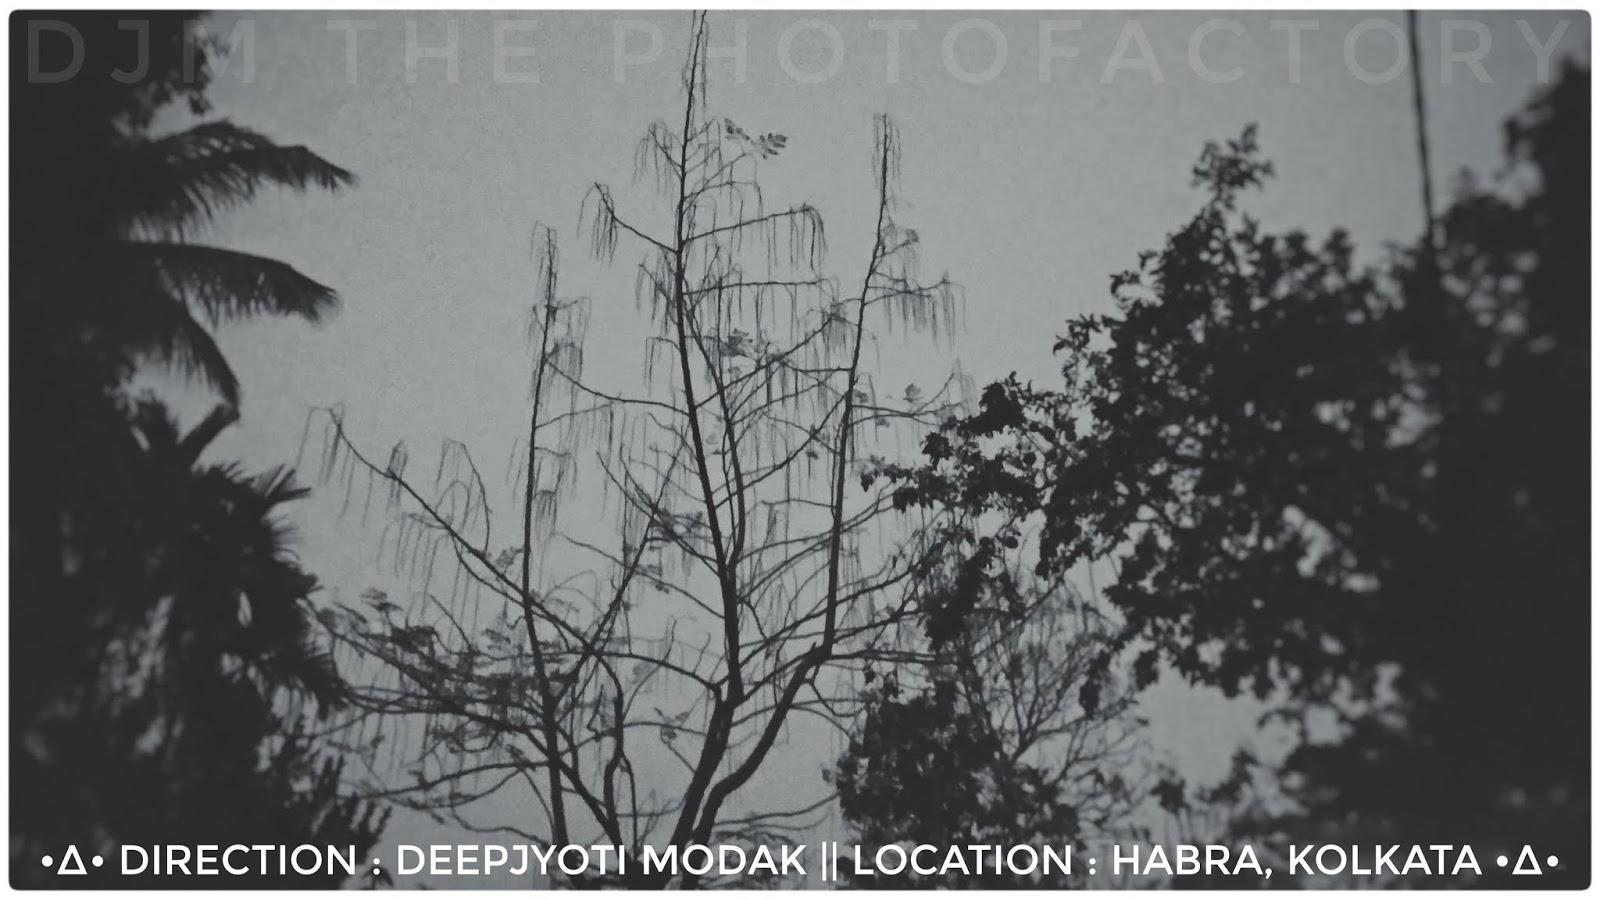 The City of Joy Kolkata - Introducing A New Kolkata